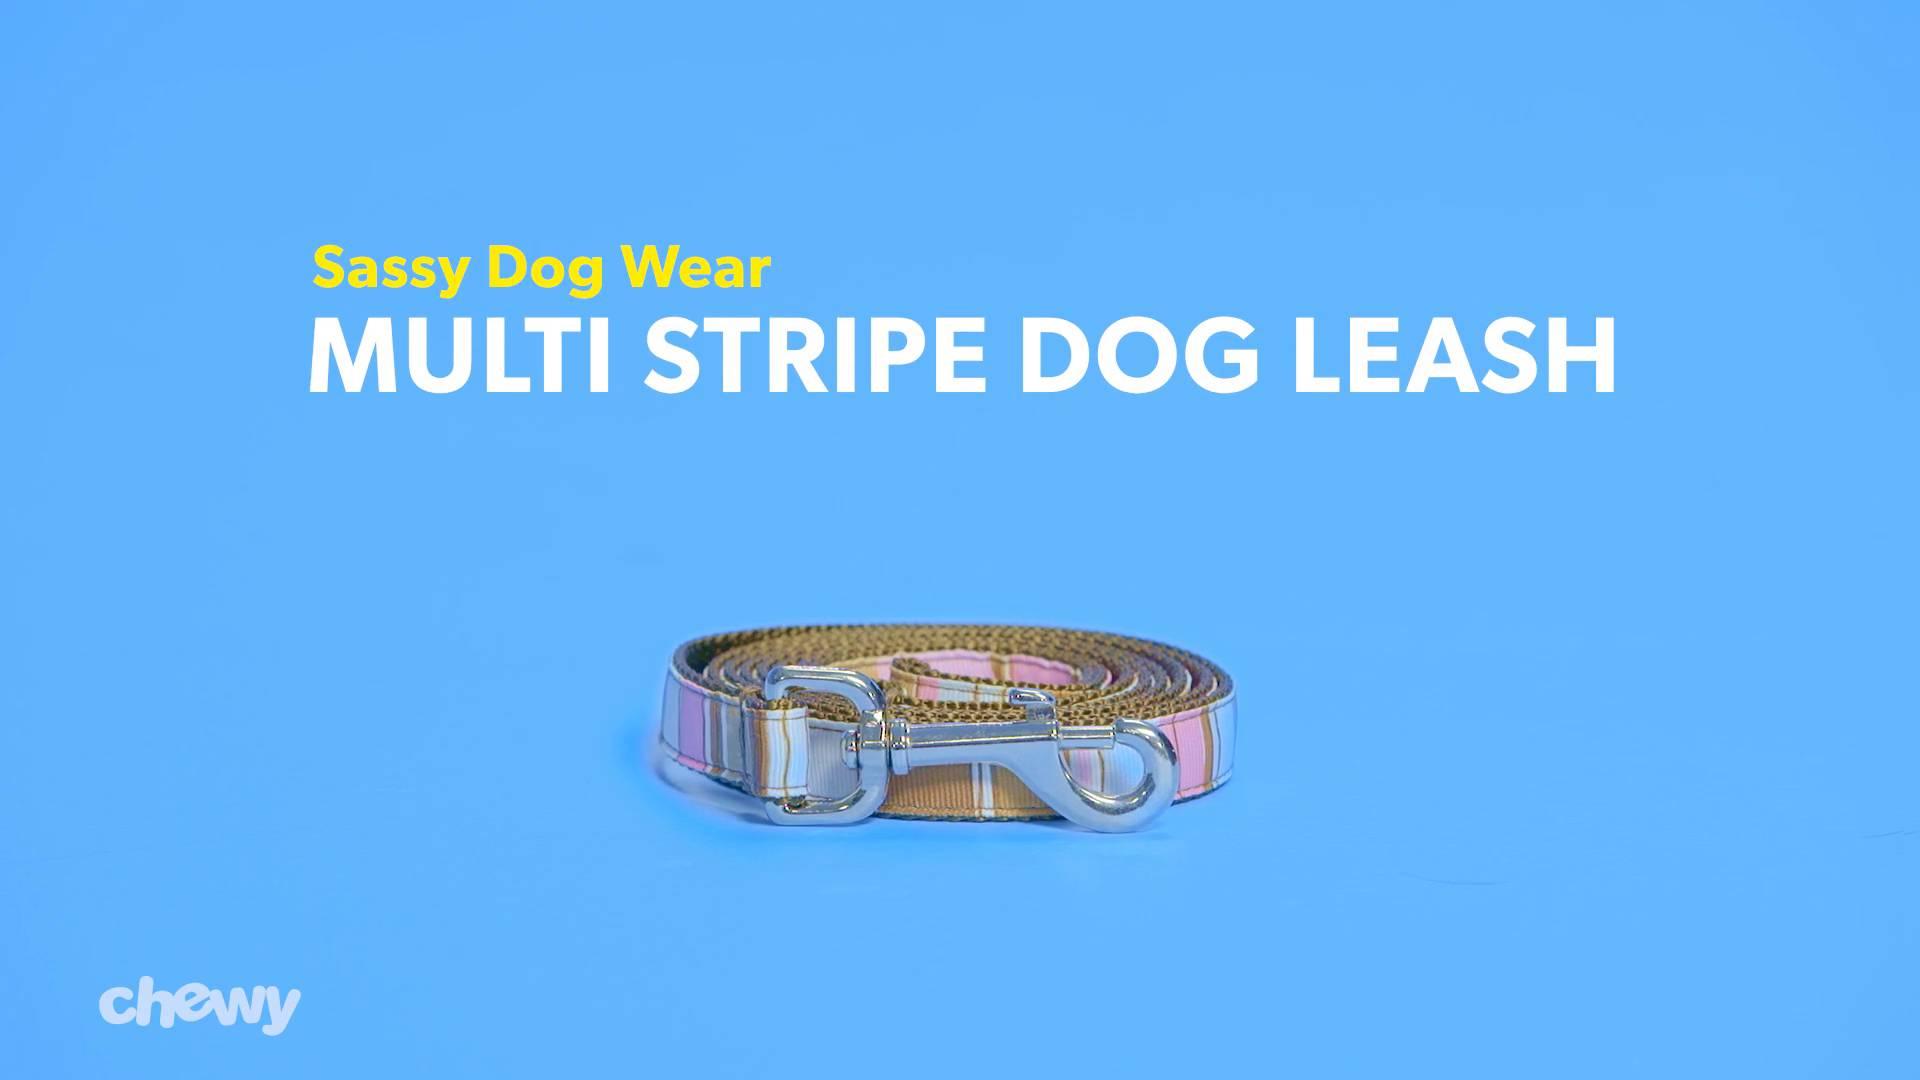 Sassy Dog Wear Multi Stripe Dog Leash